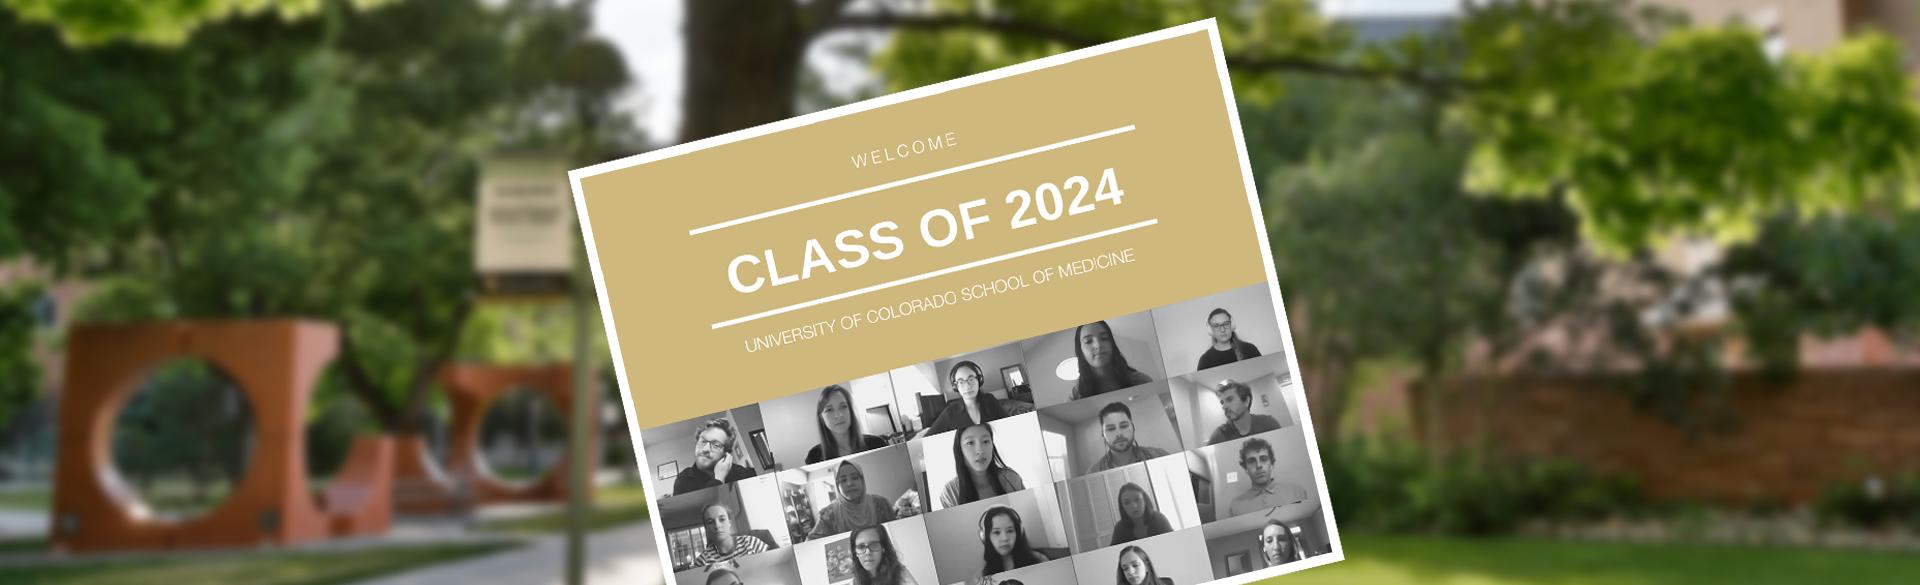 CU School of Medicine Welcomes Class of 2024